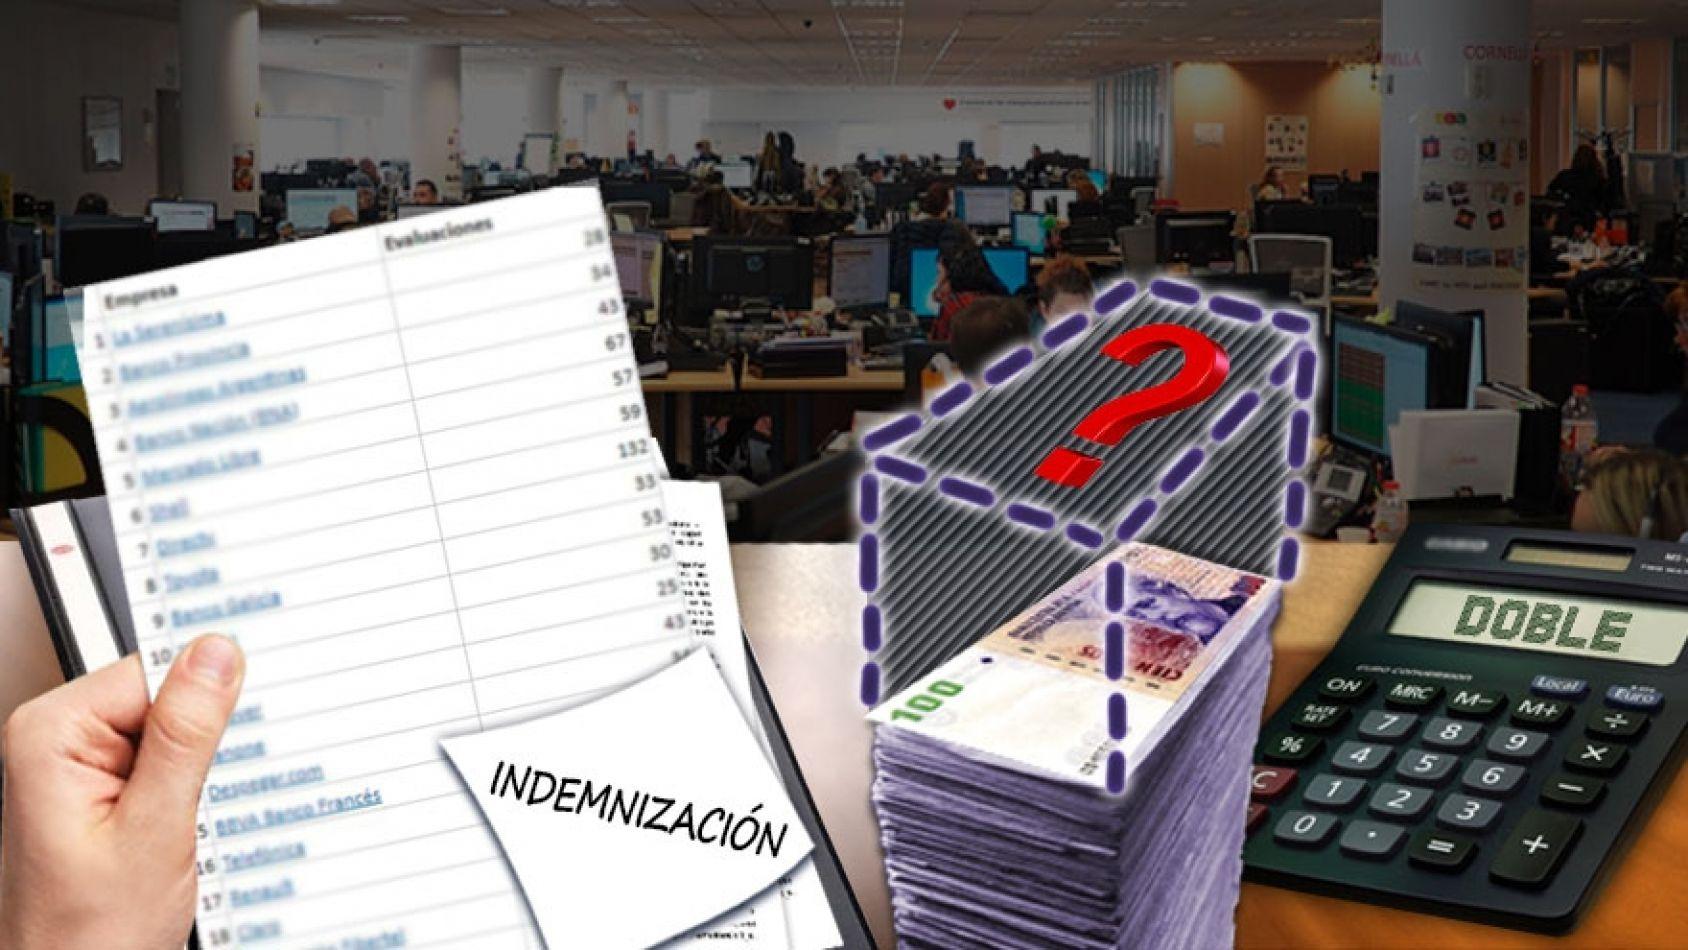 El Gobierno decretó que la doble indemnización no correrá para los empleados públicos